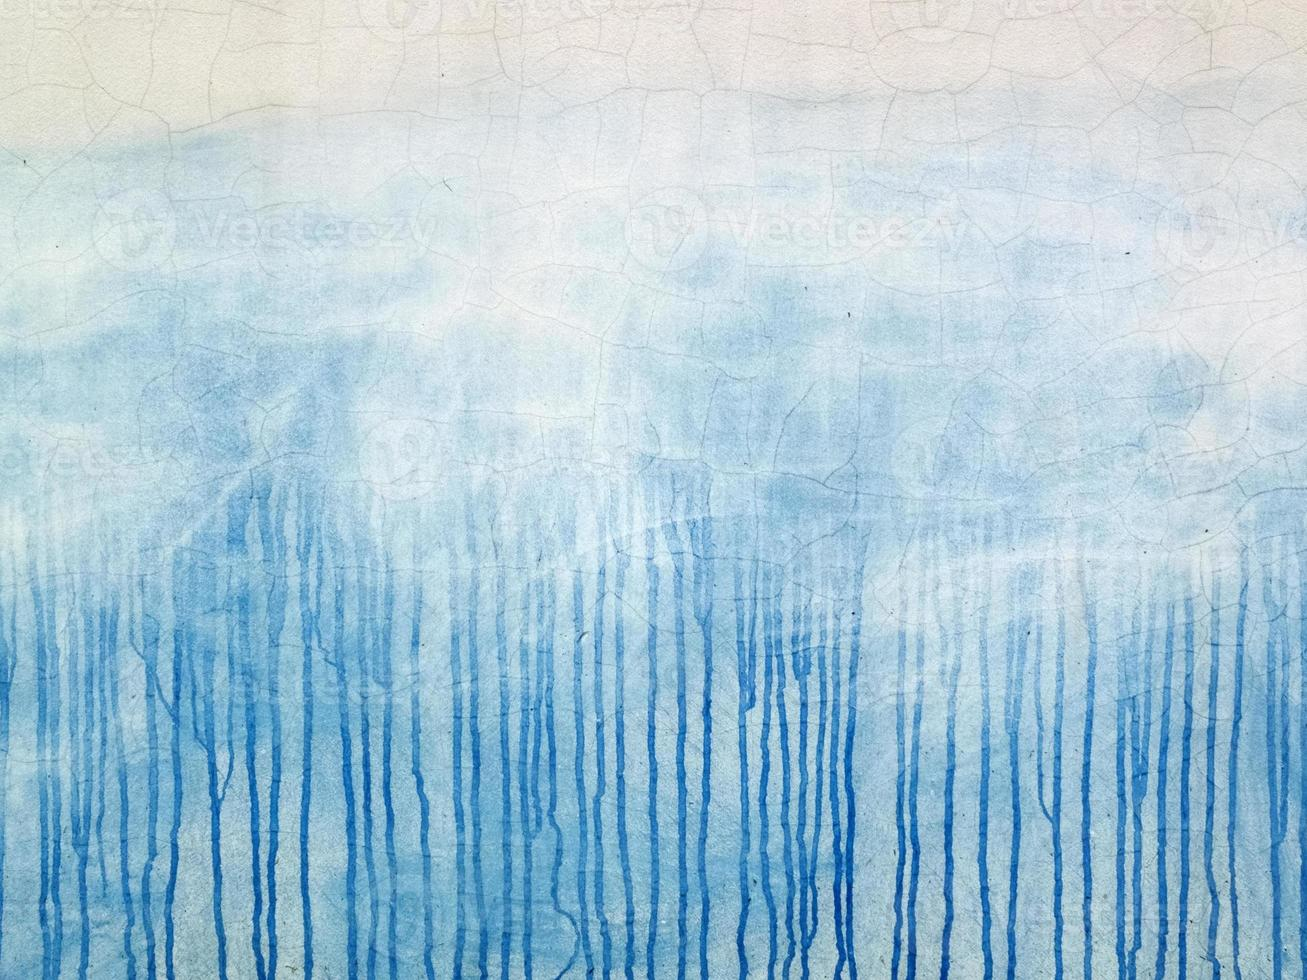 blå spillt färg på den spruckna vita fasaden foto